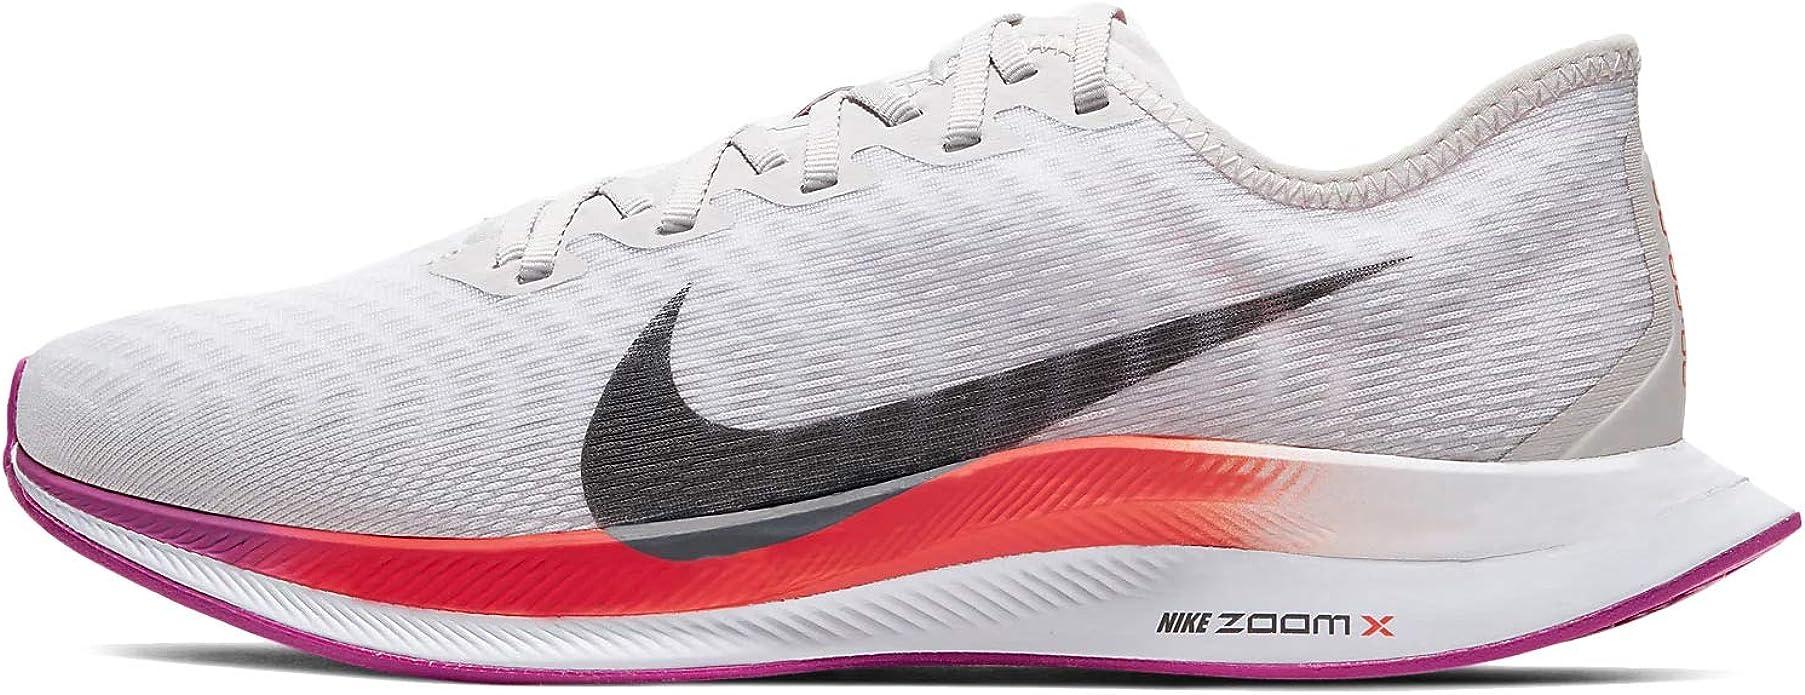 Womens Running Shoe At8242-009